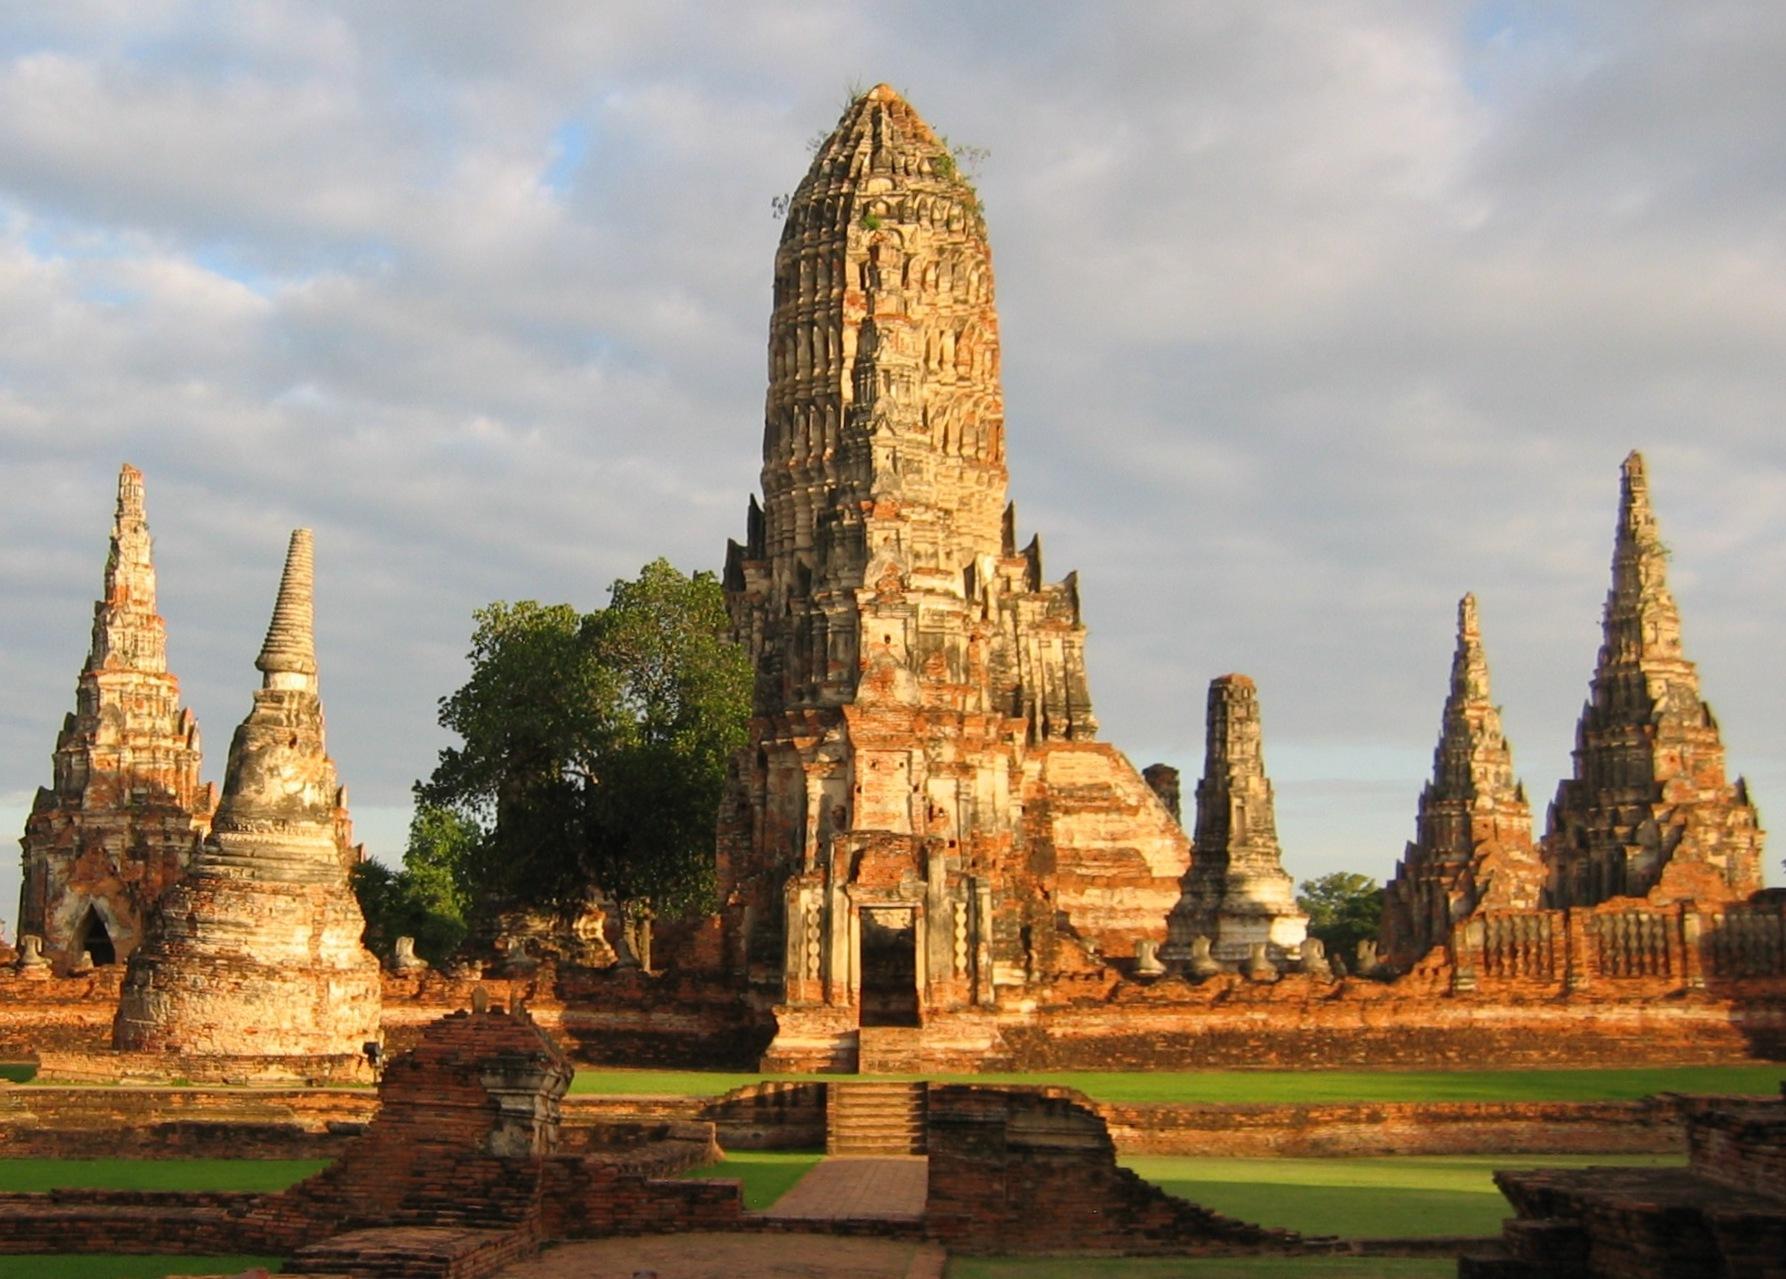 Nach der Katastrophe nie mehr aufgebaut: Wat Chai Watthanaram in den Ruinen von Ayutthaya